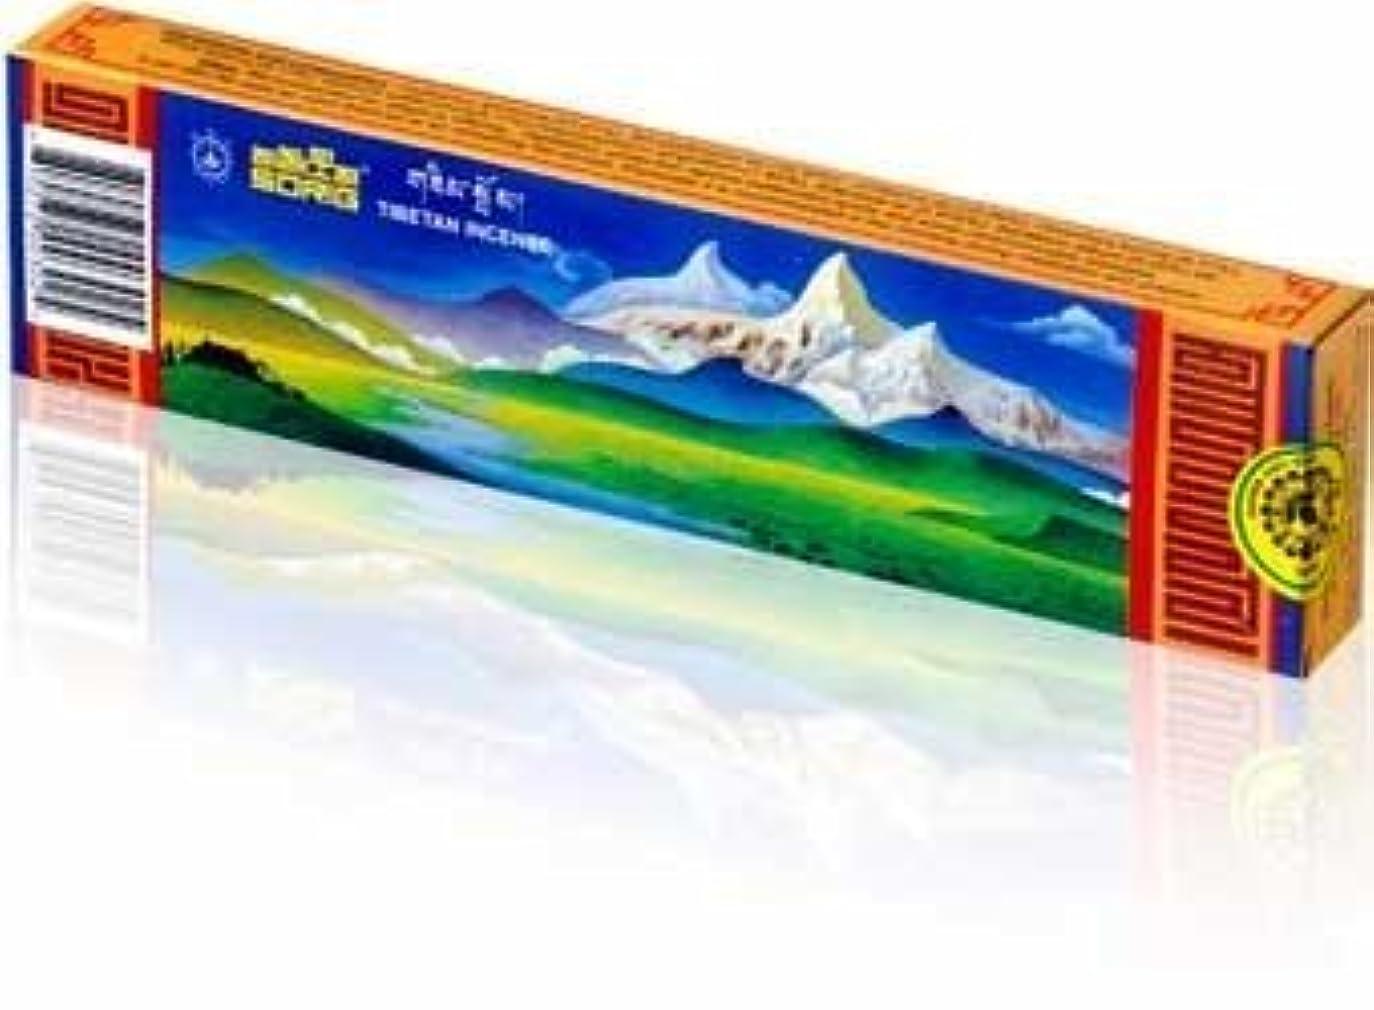 ワックスハシー君主Sorig Natural Handmade Tibetan Incense Sticks by Men-Tsee-Khang- 20/40/60 Count (40) by Men-Tsee-Khang [並行輸入品]